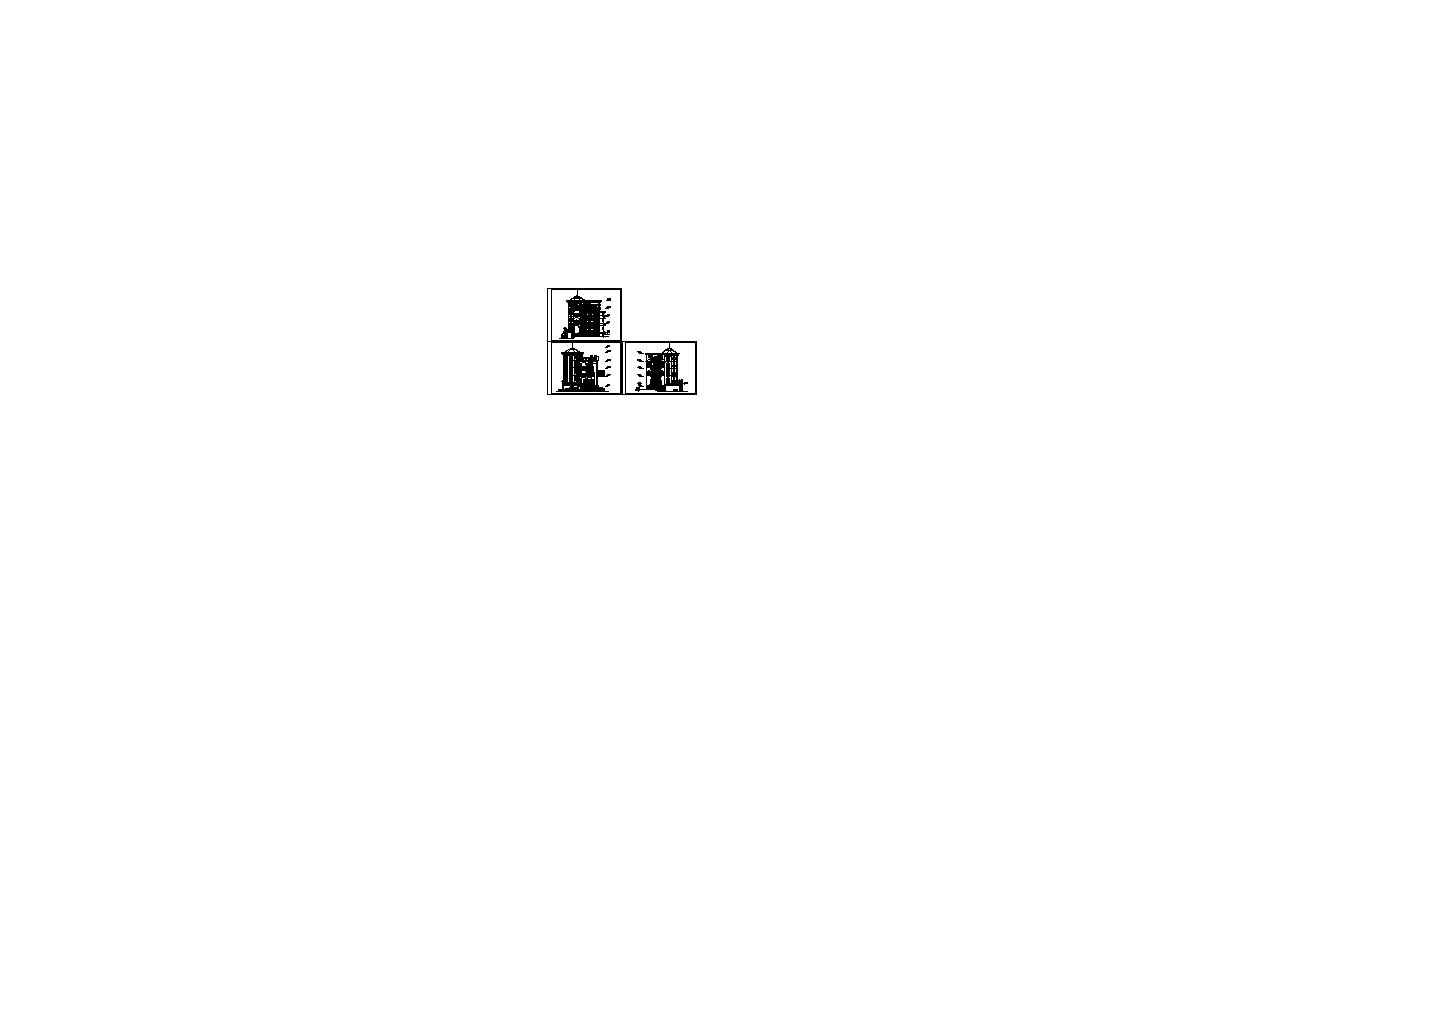 某多层经典别墅建筑立面图图片1